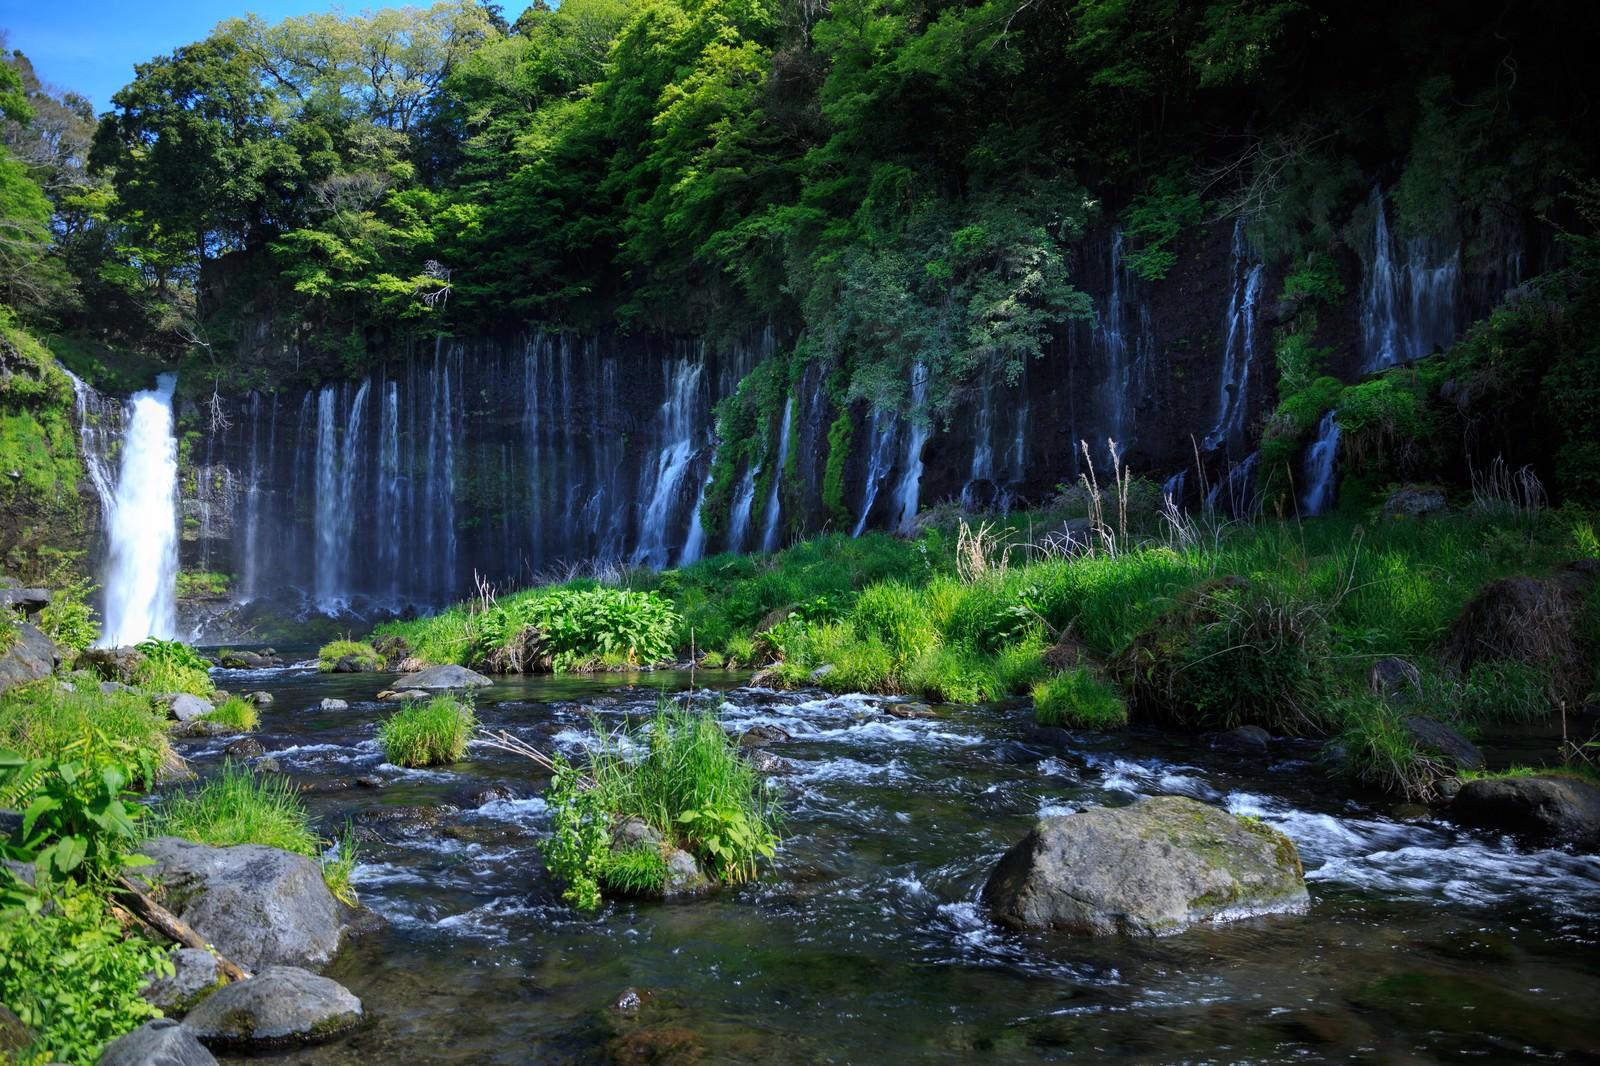 「白糸の滝白糸の滝」のフリー写真素材を拡大